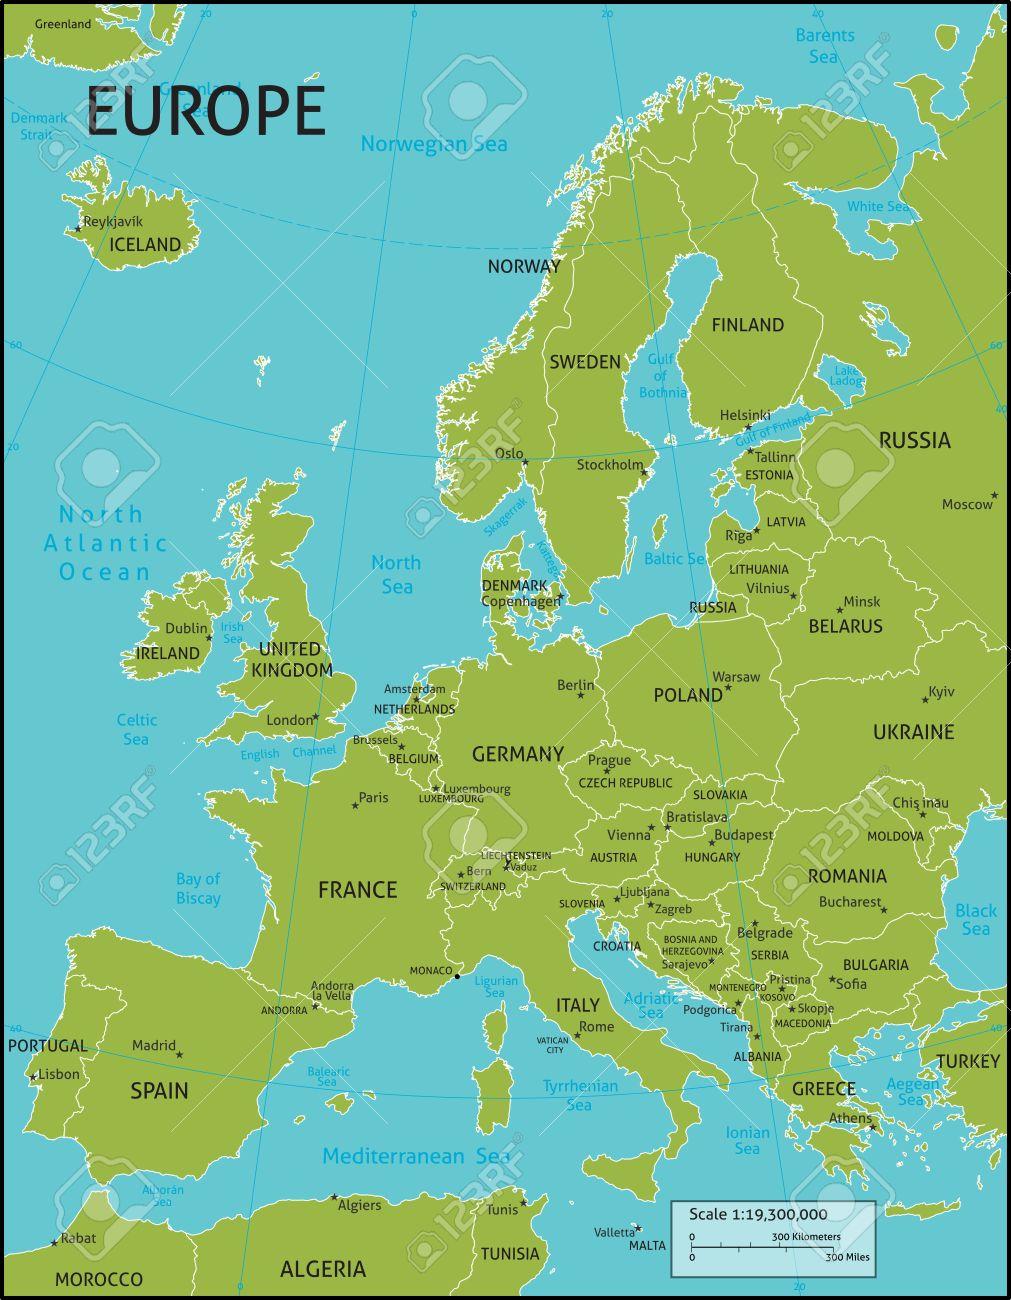 Une Carte De L'europe Avec Tous Les Noms De Pays, Et Les Capitales De Pays.  Organisé Dans La Version De Vecteur Dans Facile D'utiliser Des Couches. concernant Carte De L Europe Avec Capitale